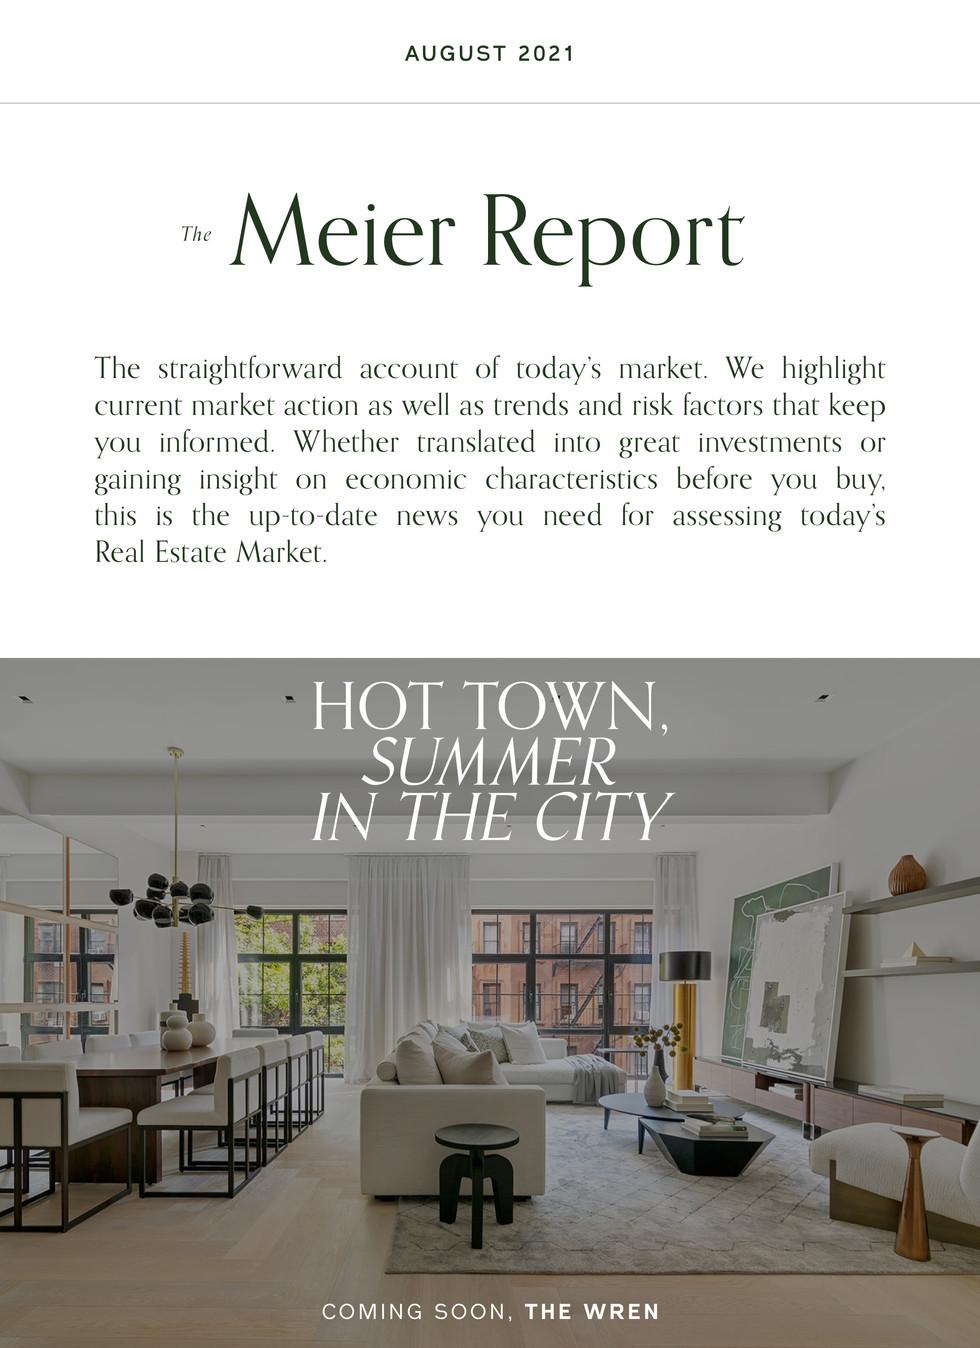 Meier_Report_0821_Hubspot.jpg